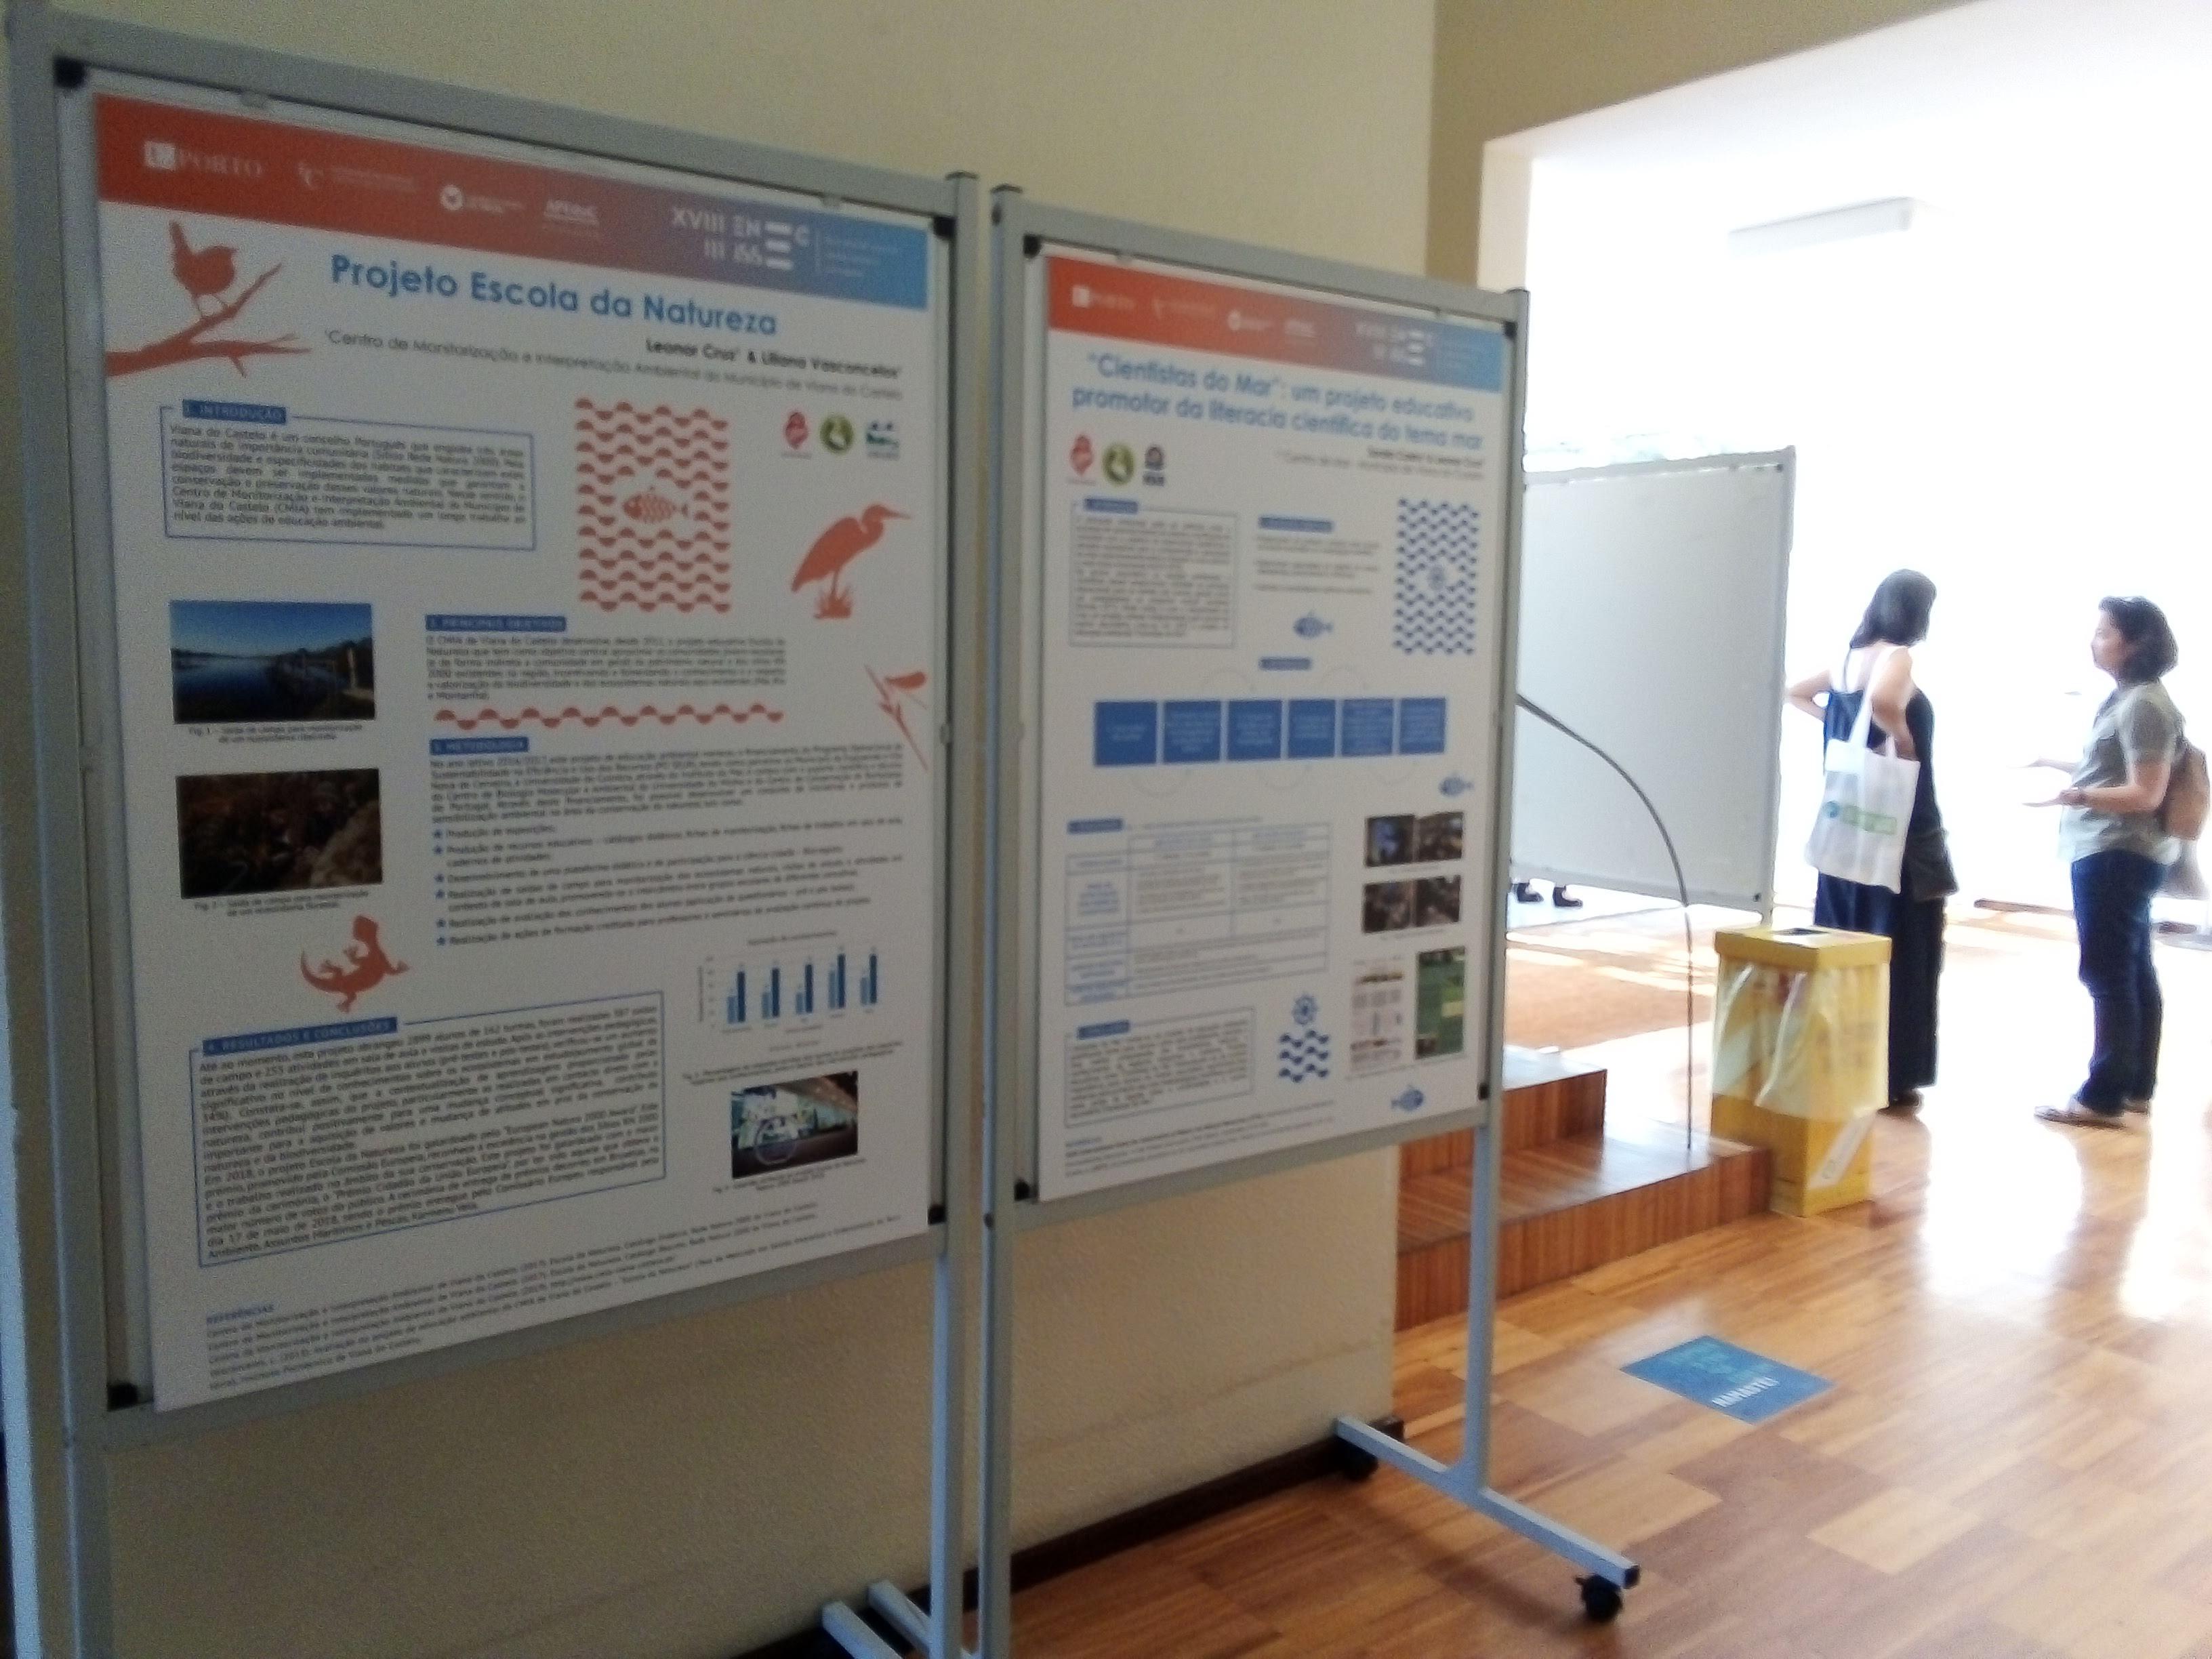 Centro de Monitorização e Interpretação Ambiental e Centro de Mar em encontros nacionais sobre ensino das ciências e biologia marinha